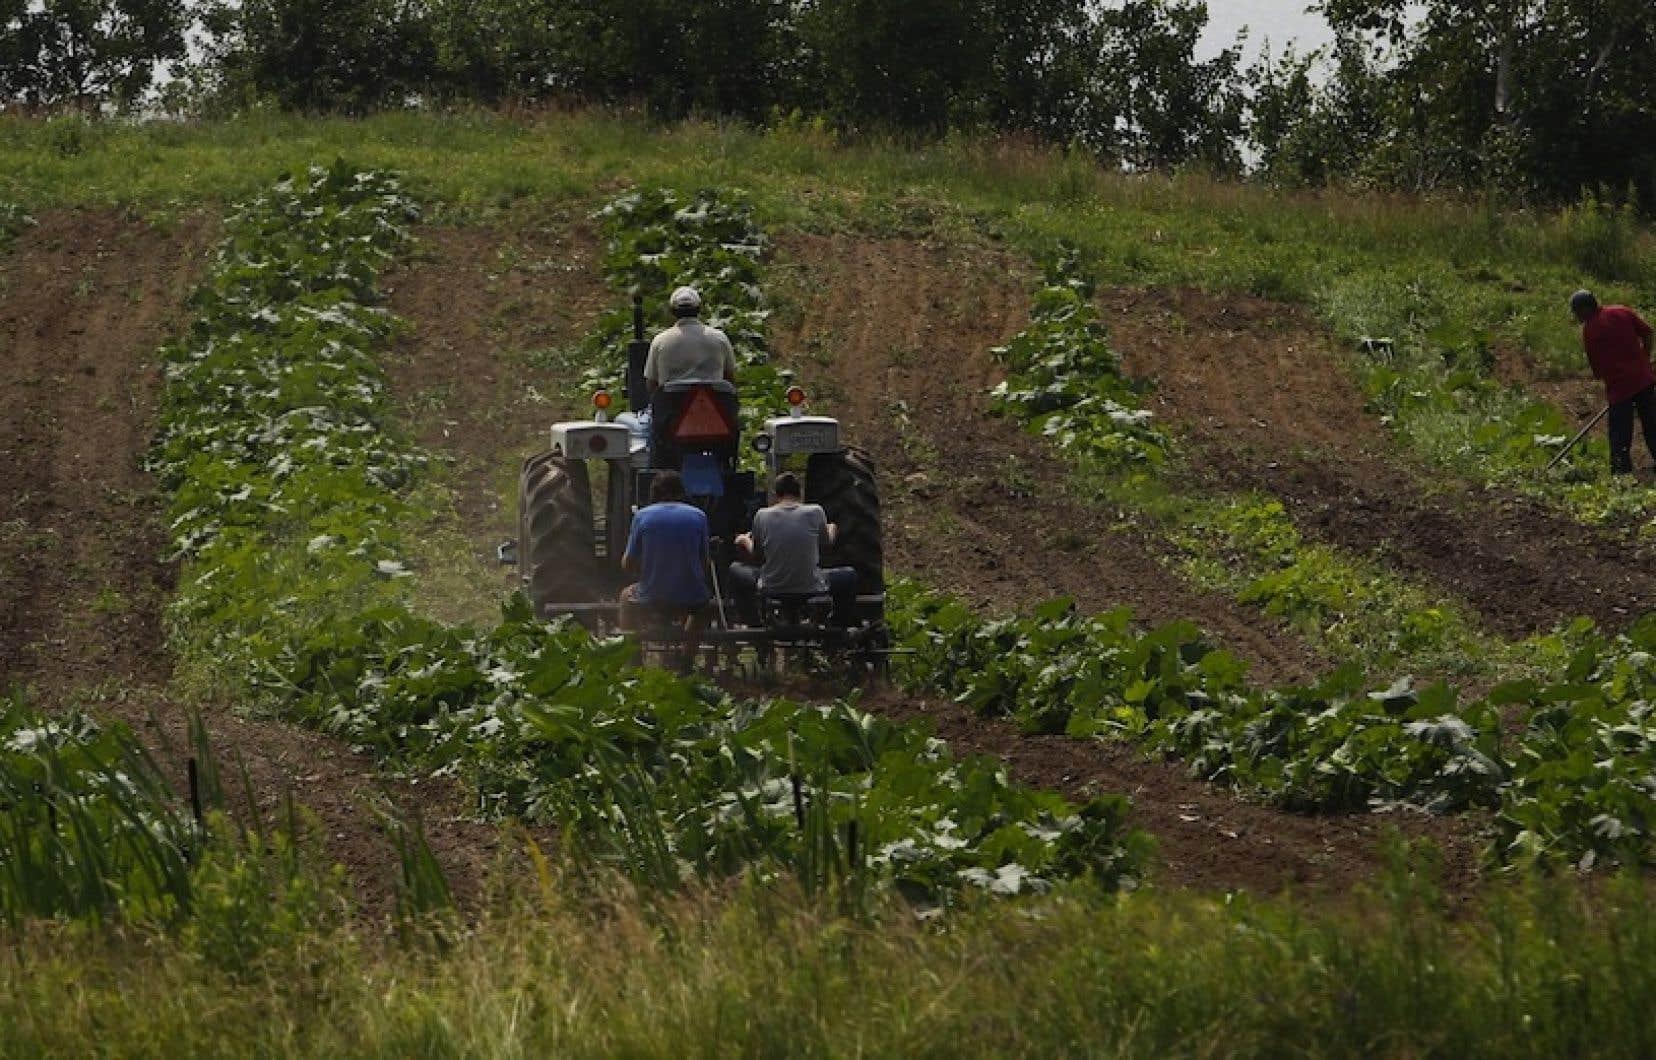 Après la culture, l'agriculture doit faire l'objet d'une protection particulière pour être hors d'atteinte des négociateurs d'accord de libre-échange, ont réitéré lundi midi les coprésidents de la Coalition pour la souveraineté alimentaire, Marcel Groleau et Jean-Paul Faniel.